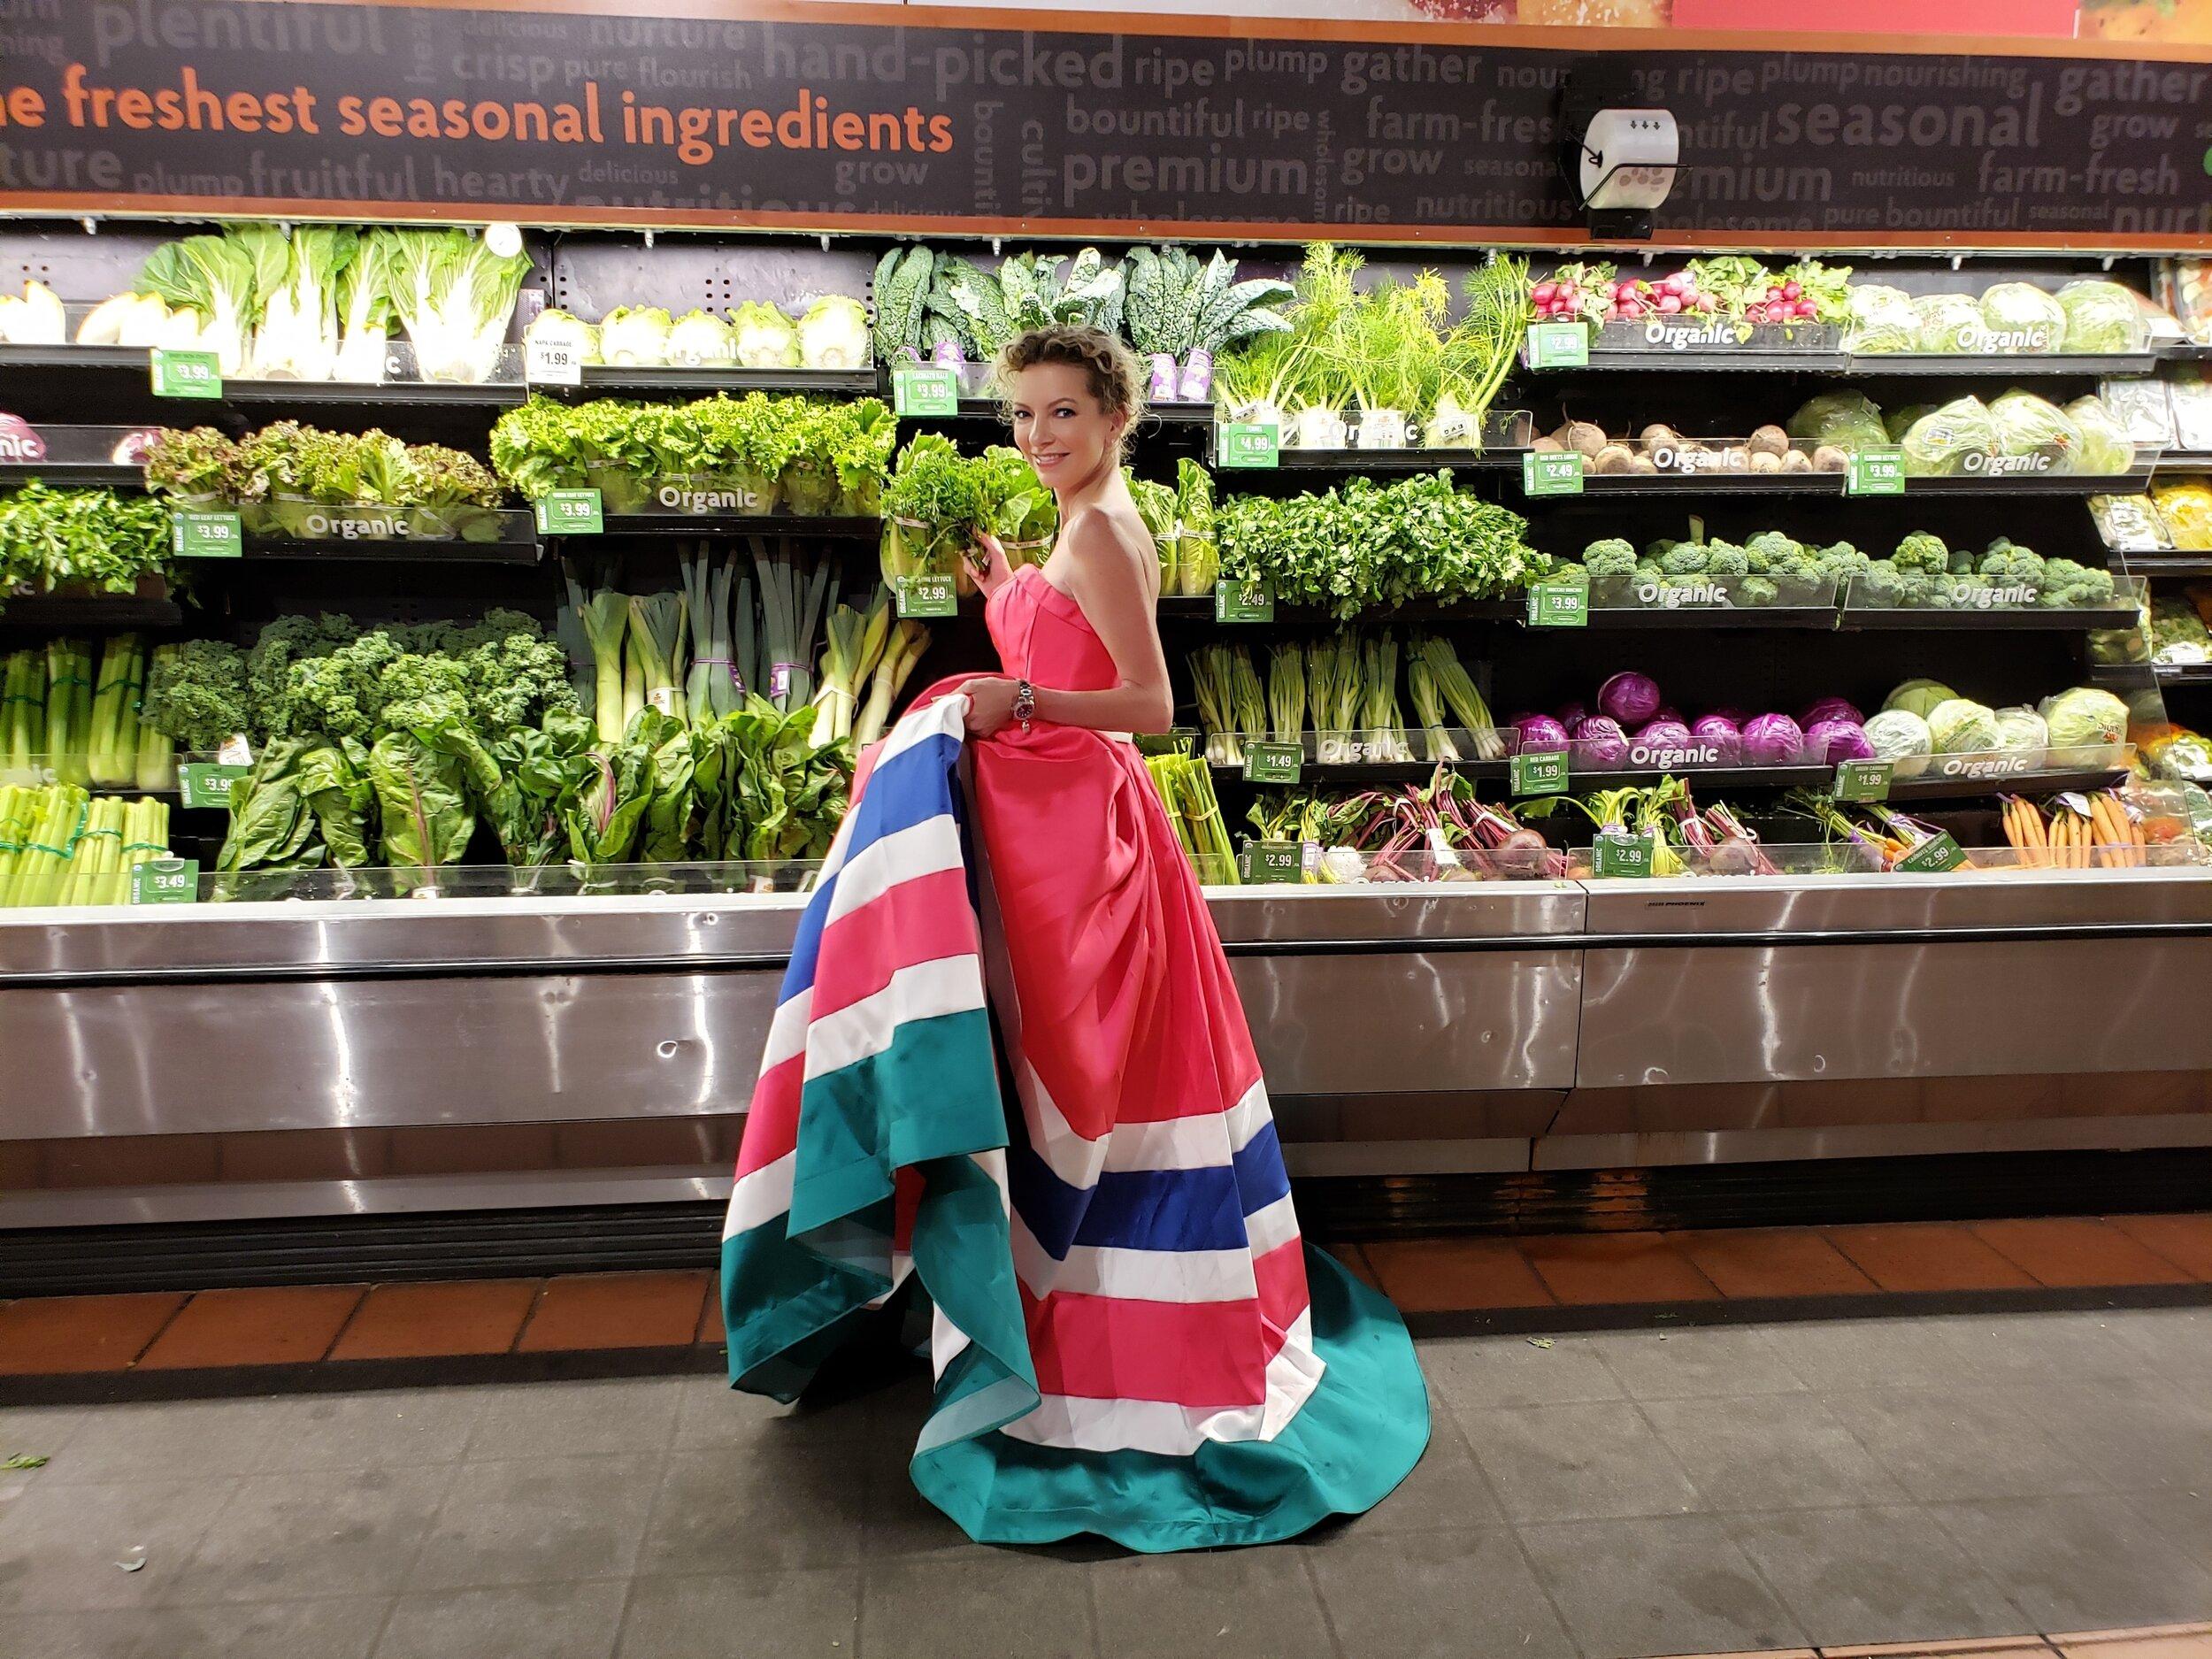 Christine Cornwell Grocery Shopping Ball Gown.jpg